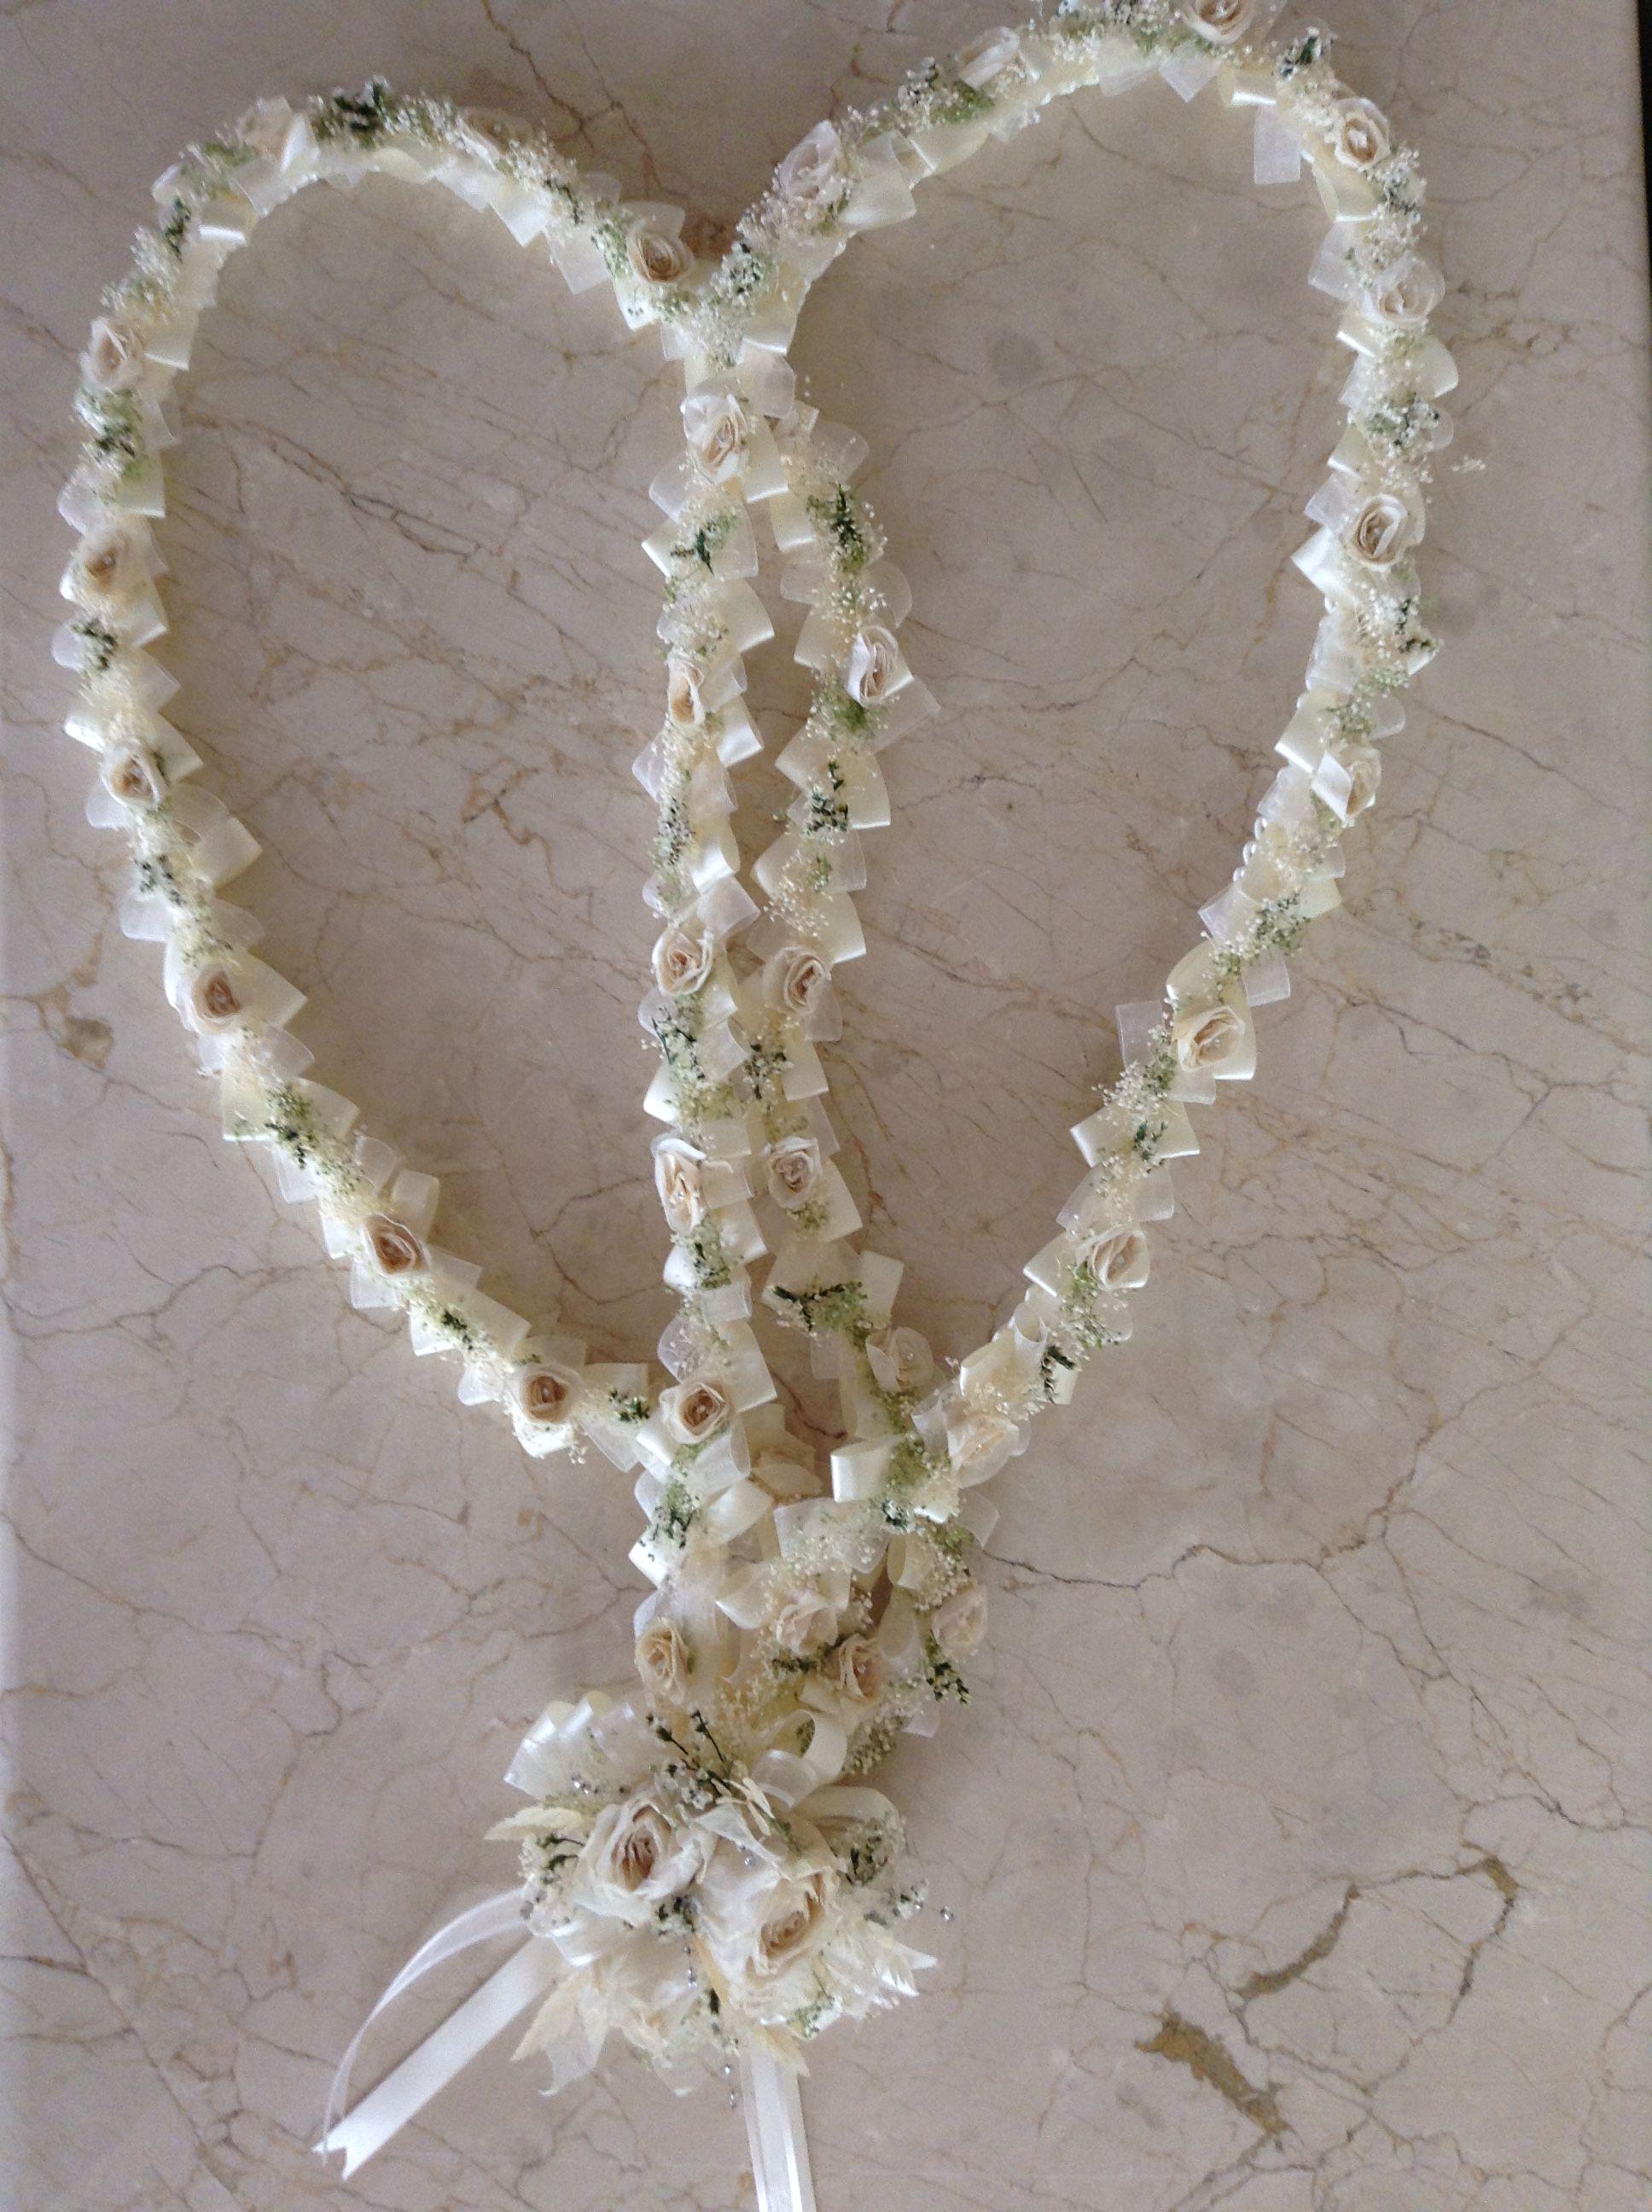 9cadeb5fe09 Lazos para boda hechos con flores rehidratadas, no se deterioran y se  conservan por siempre !